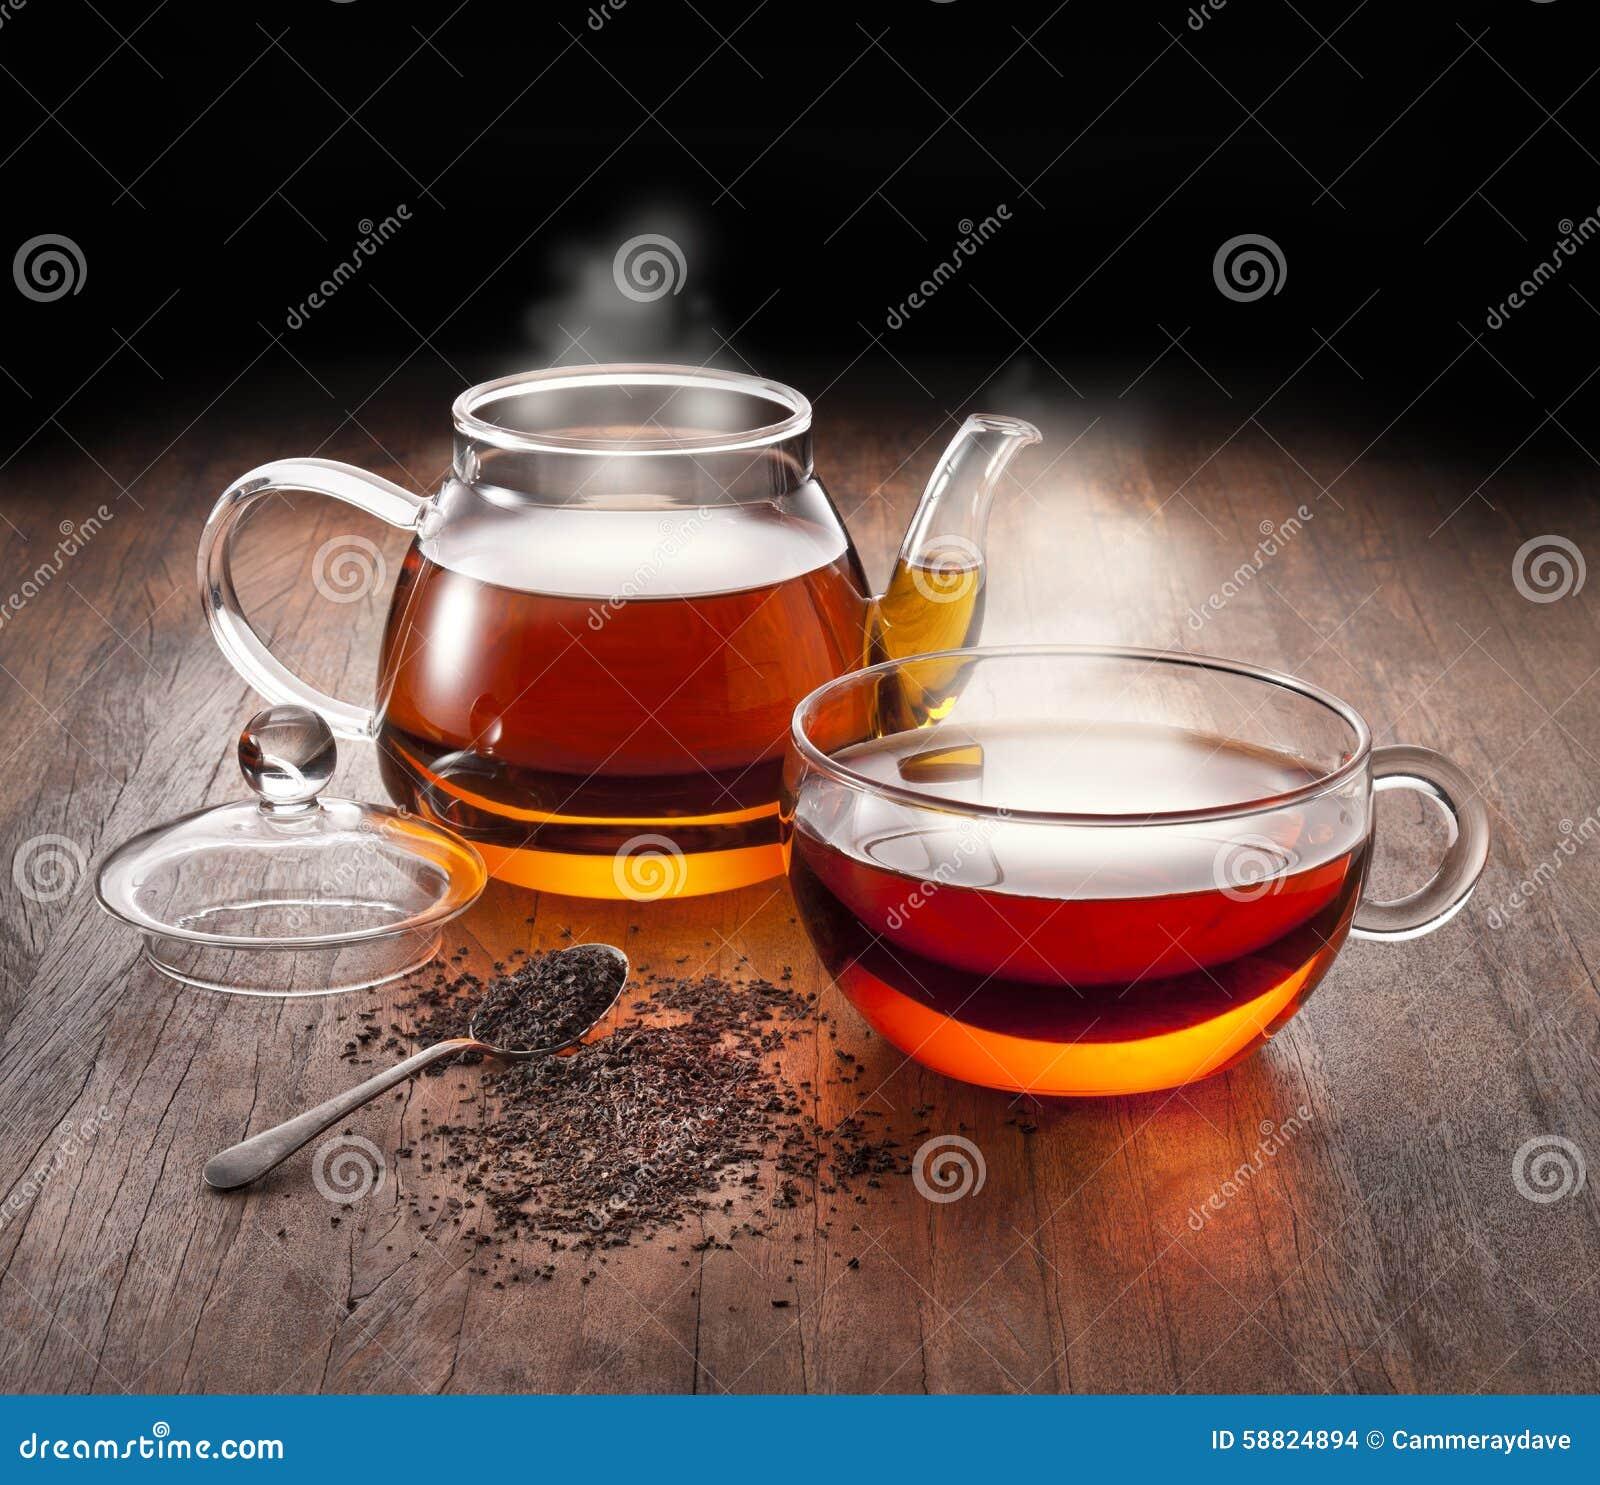 Hot Tea Teapot Cup